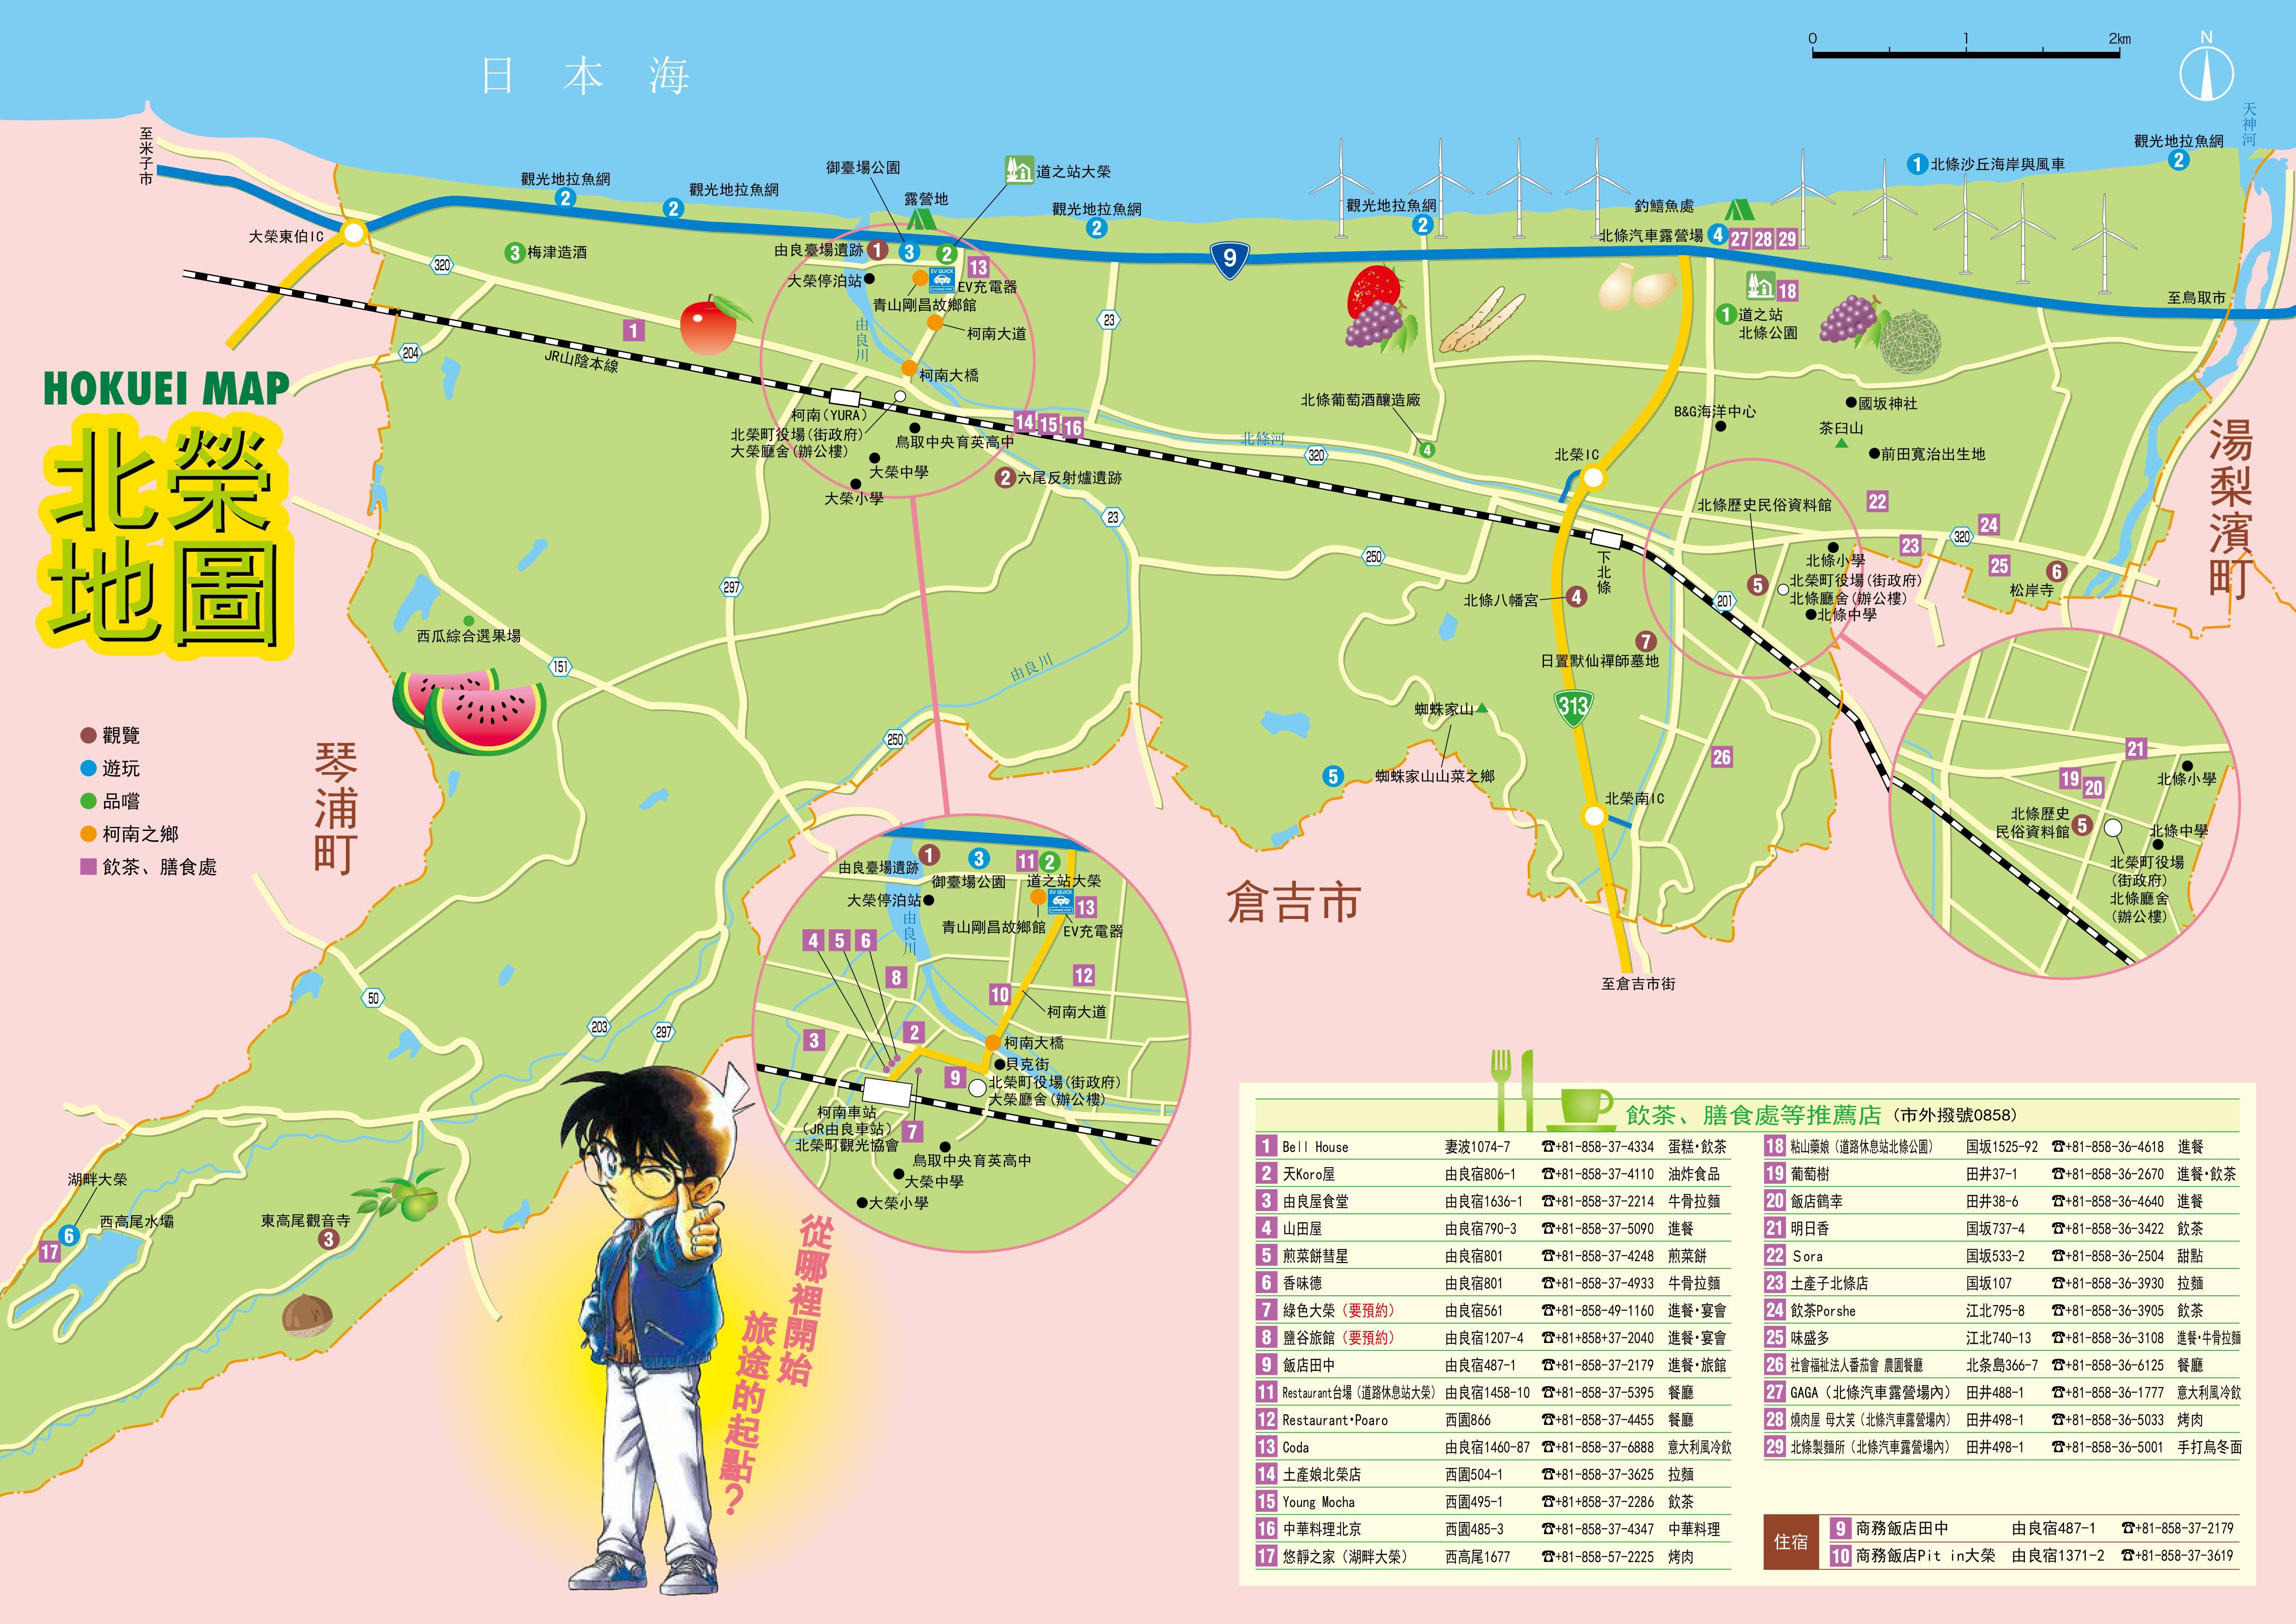 鳥取北榮町半日遊。柯南小鎮10大看點|走訪漫畫家青山剛昌的故鄉。漫遊路線與交通建議